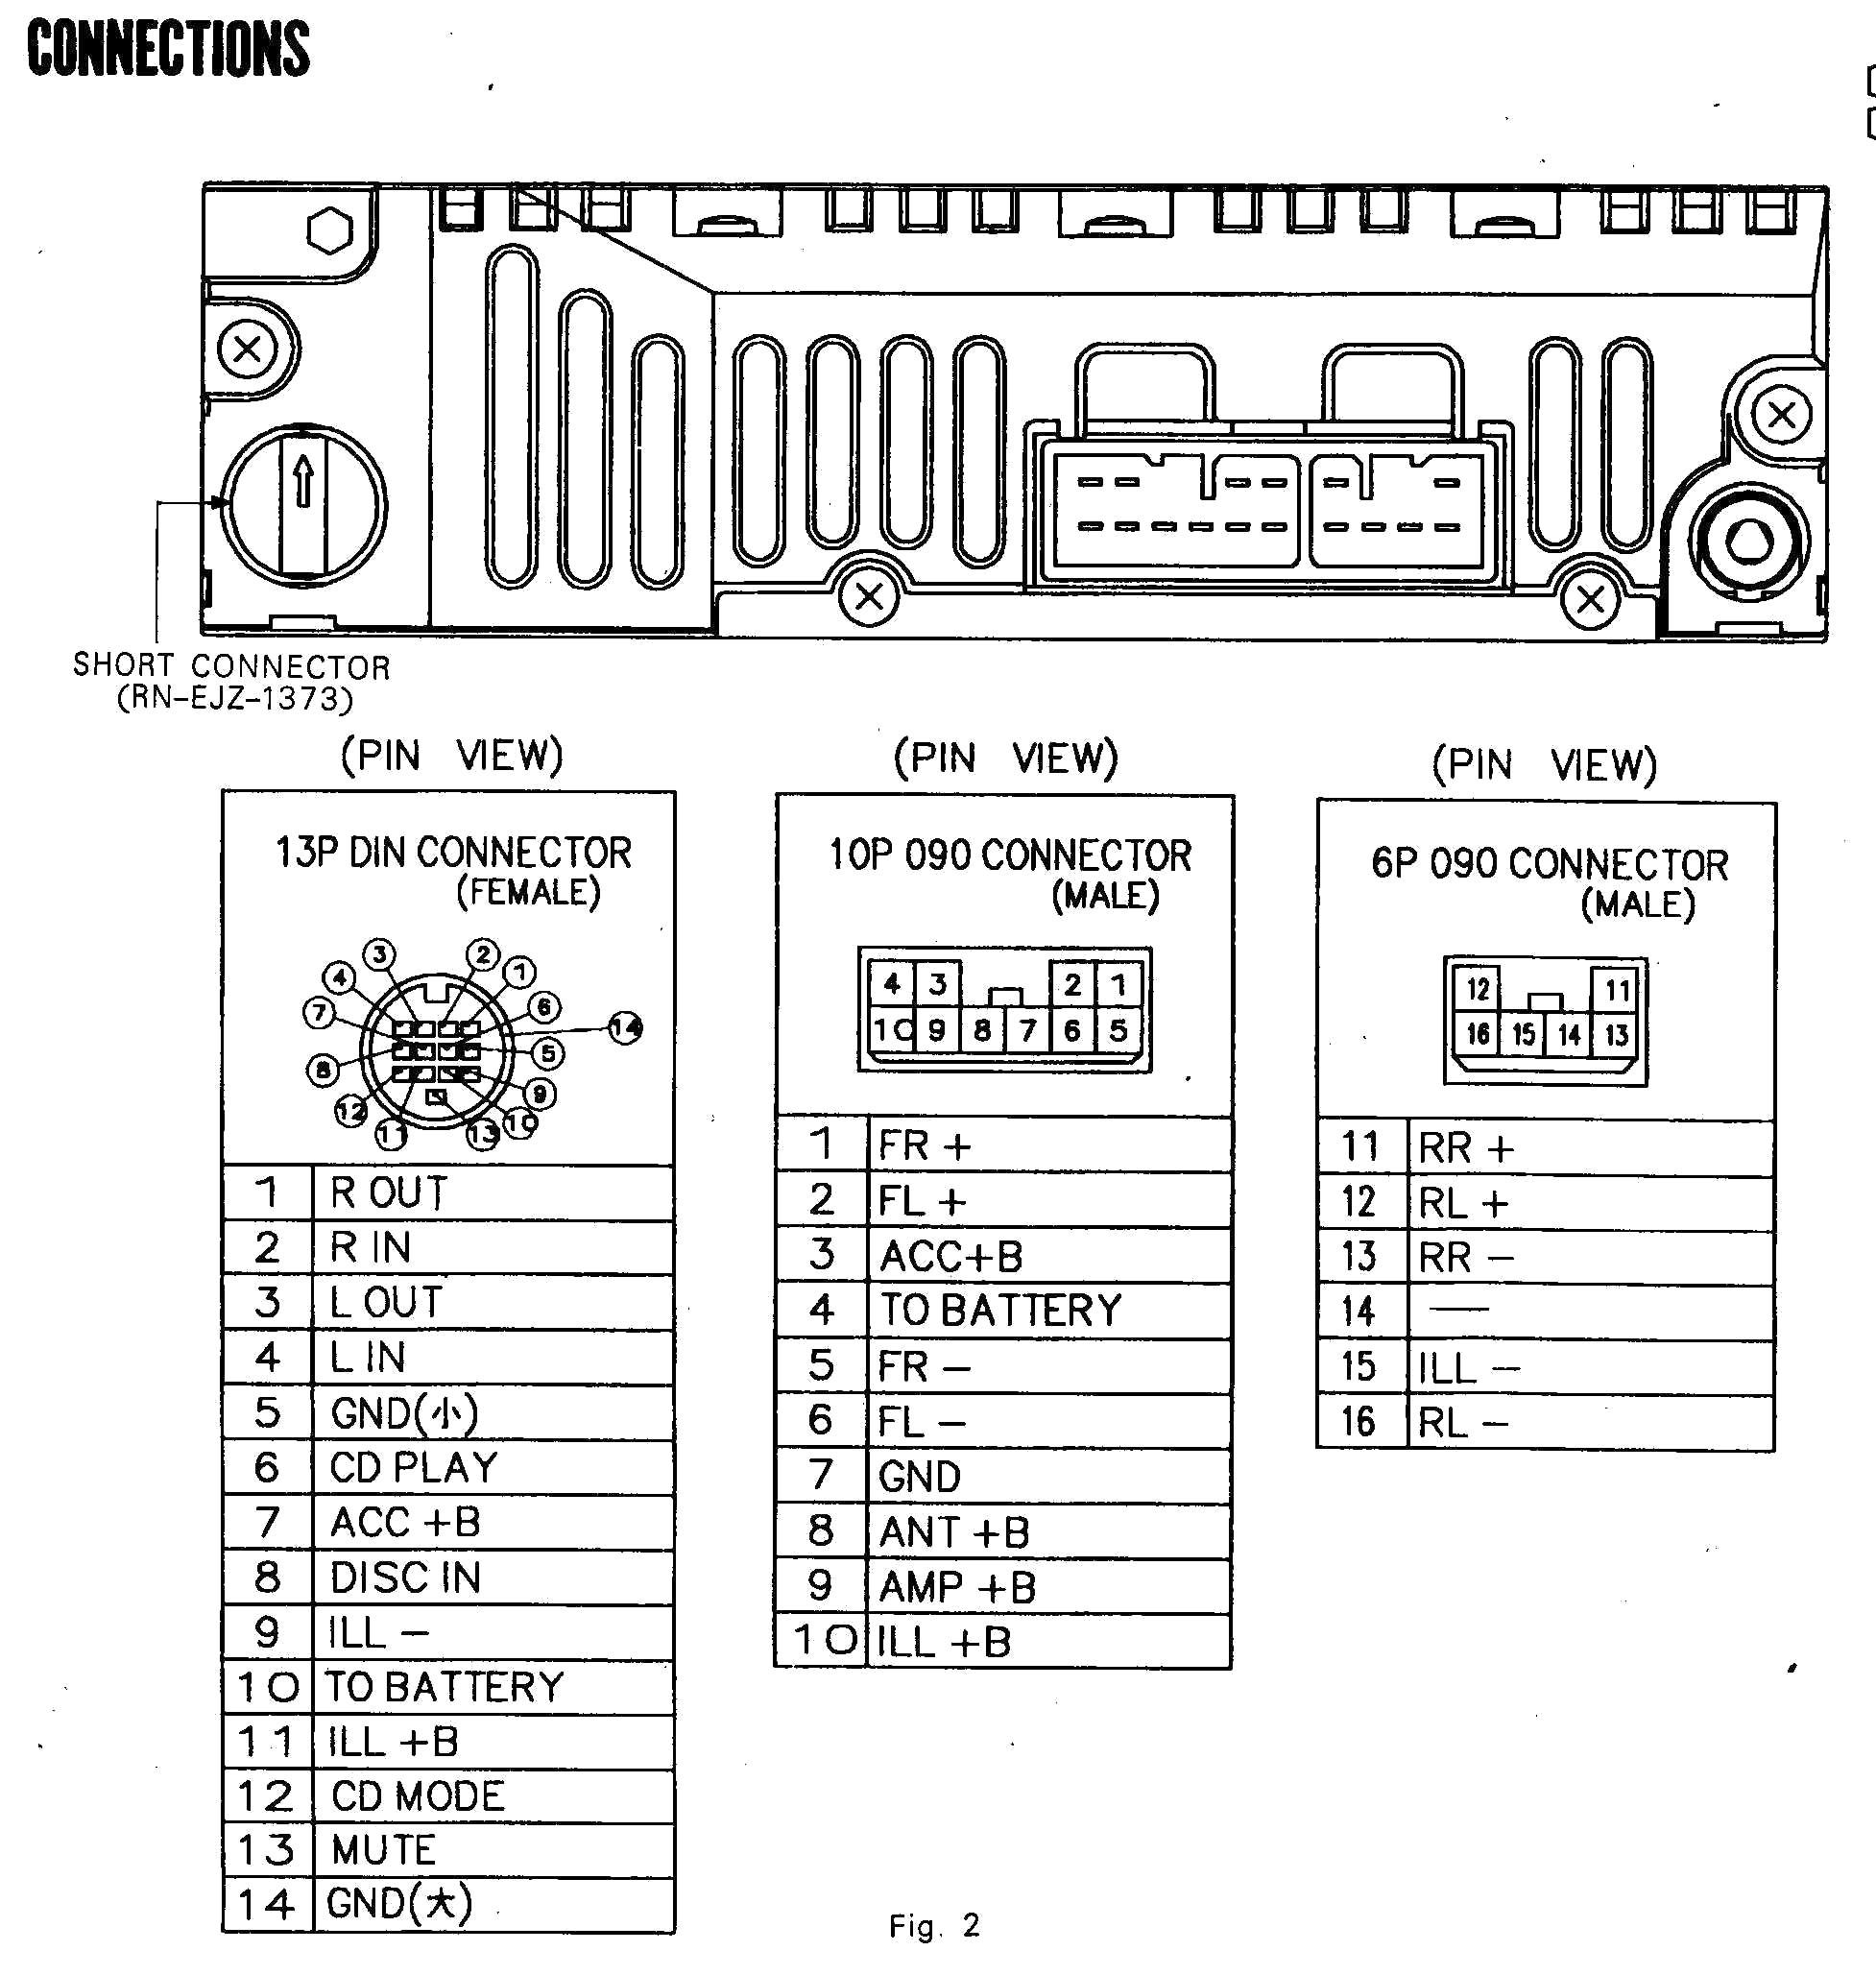 Pioneer Deh 1300Mp Wiring Diagram - Wiring Diagrams - Pioneer Deh 1300Mp Wiring Diagram